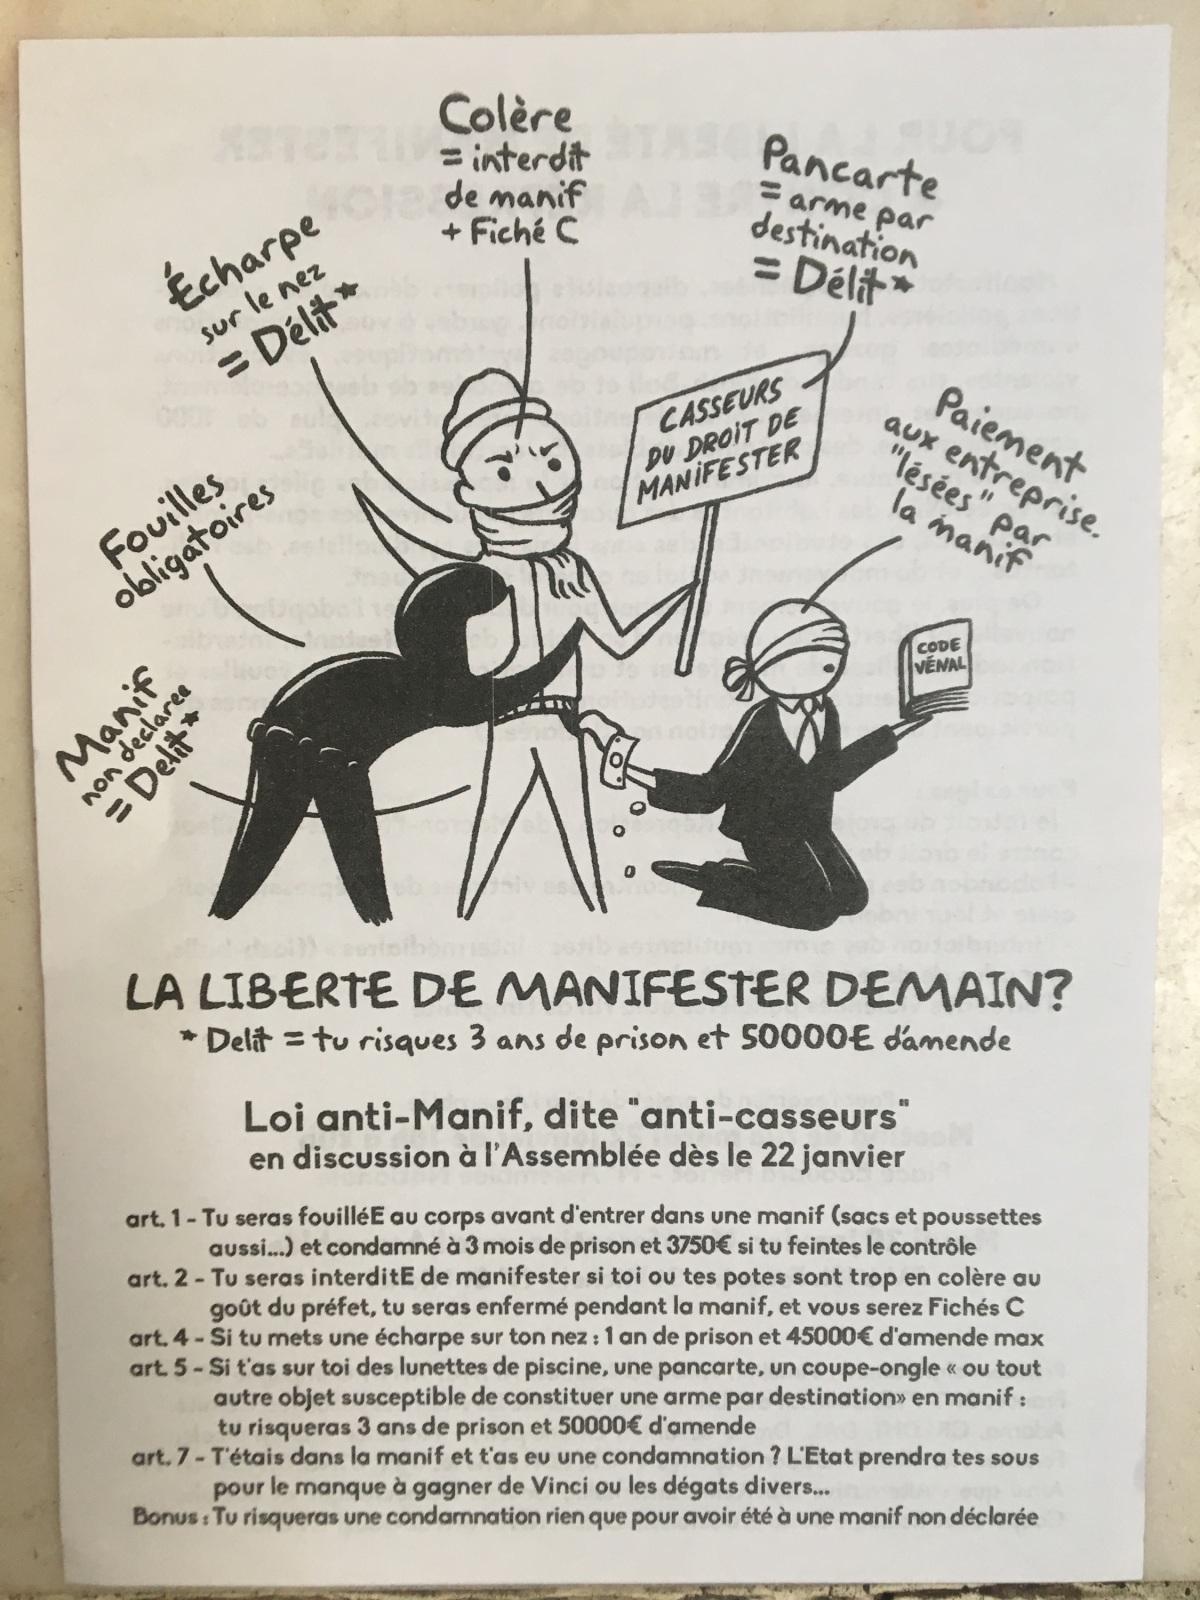 Pour la liberté de manifester & contre larépression